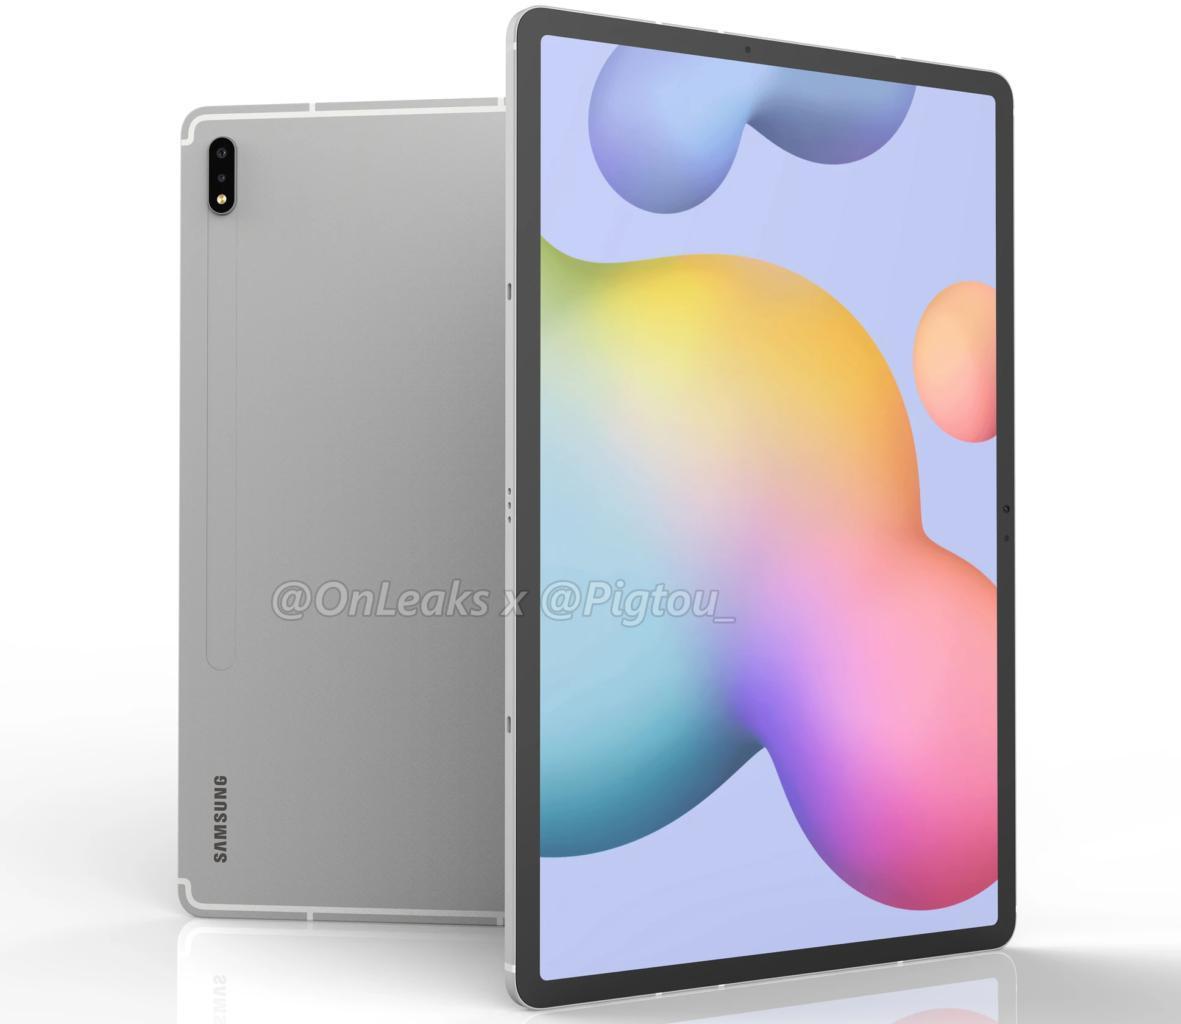 三星在官方网站上简要列出了即将面世的Galaxy Tab S7 + 5G